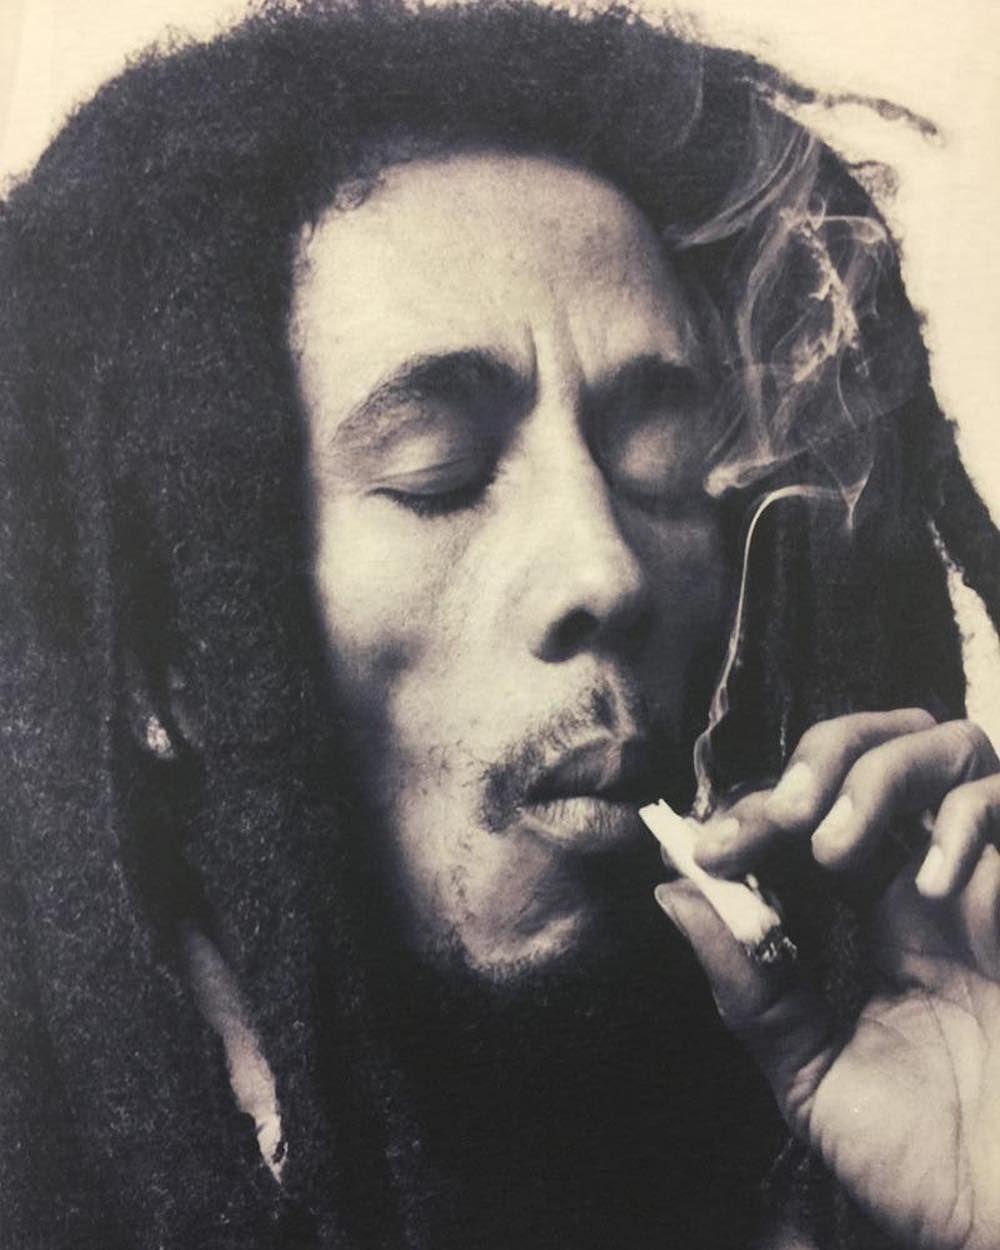 93 3 Mil Curtidas 441 Comentarios Bob Marley Bobmarley No Instagram Quot Once You Smoke Herb It Bob Marley Pictures Bob Marley Art Bob Marley Tattoo